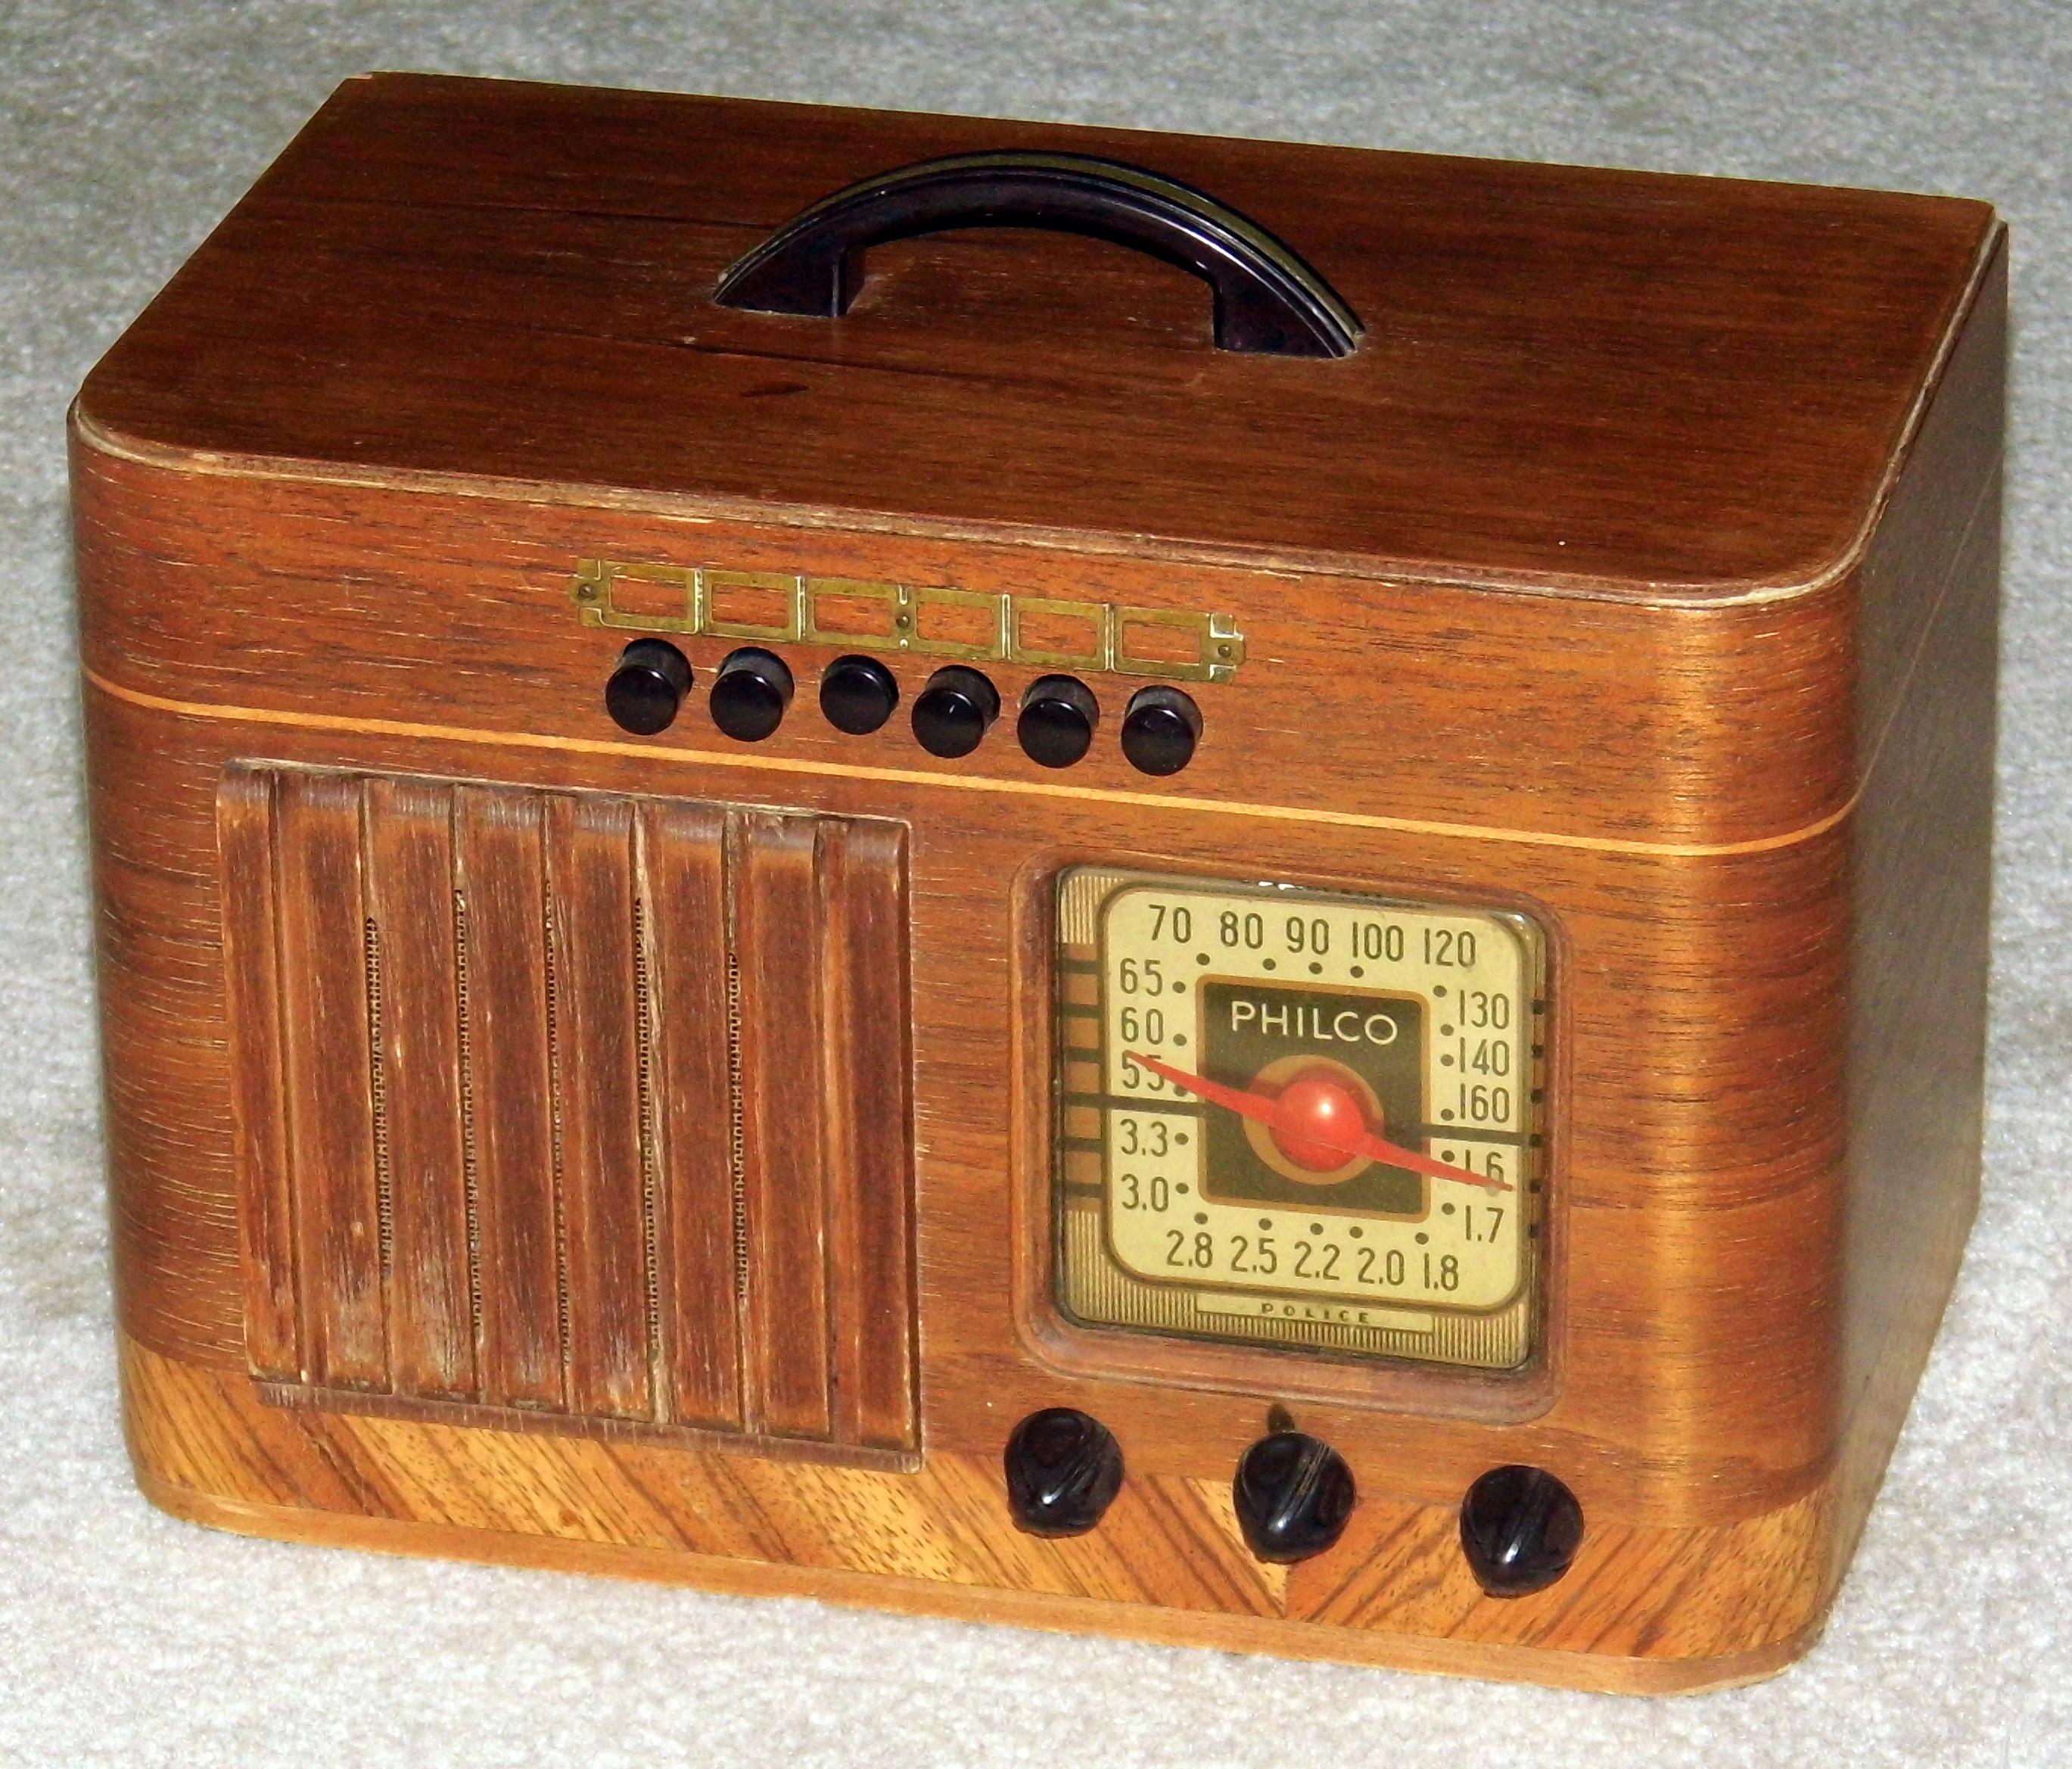 philco radio Antiques US